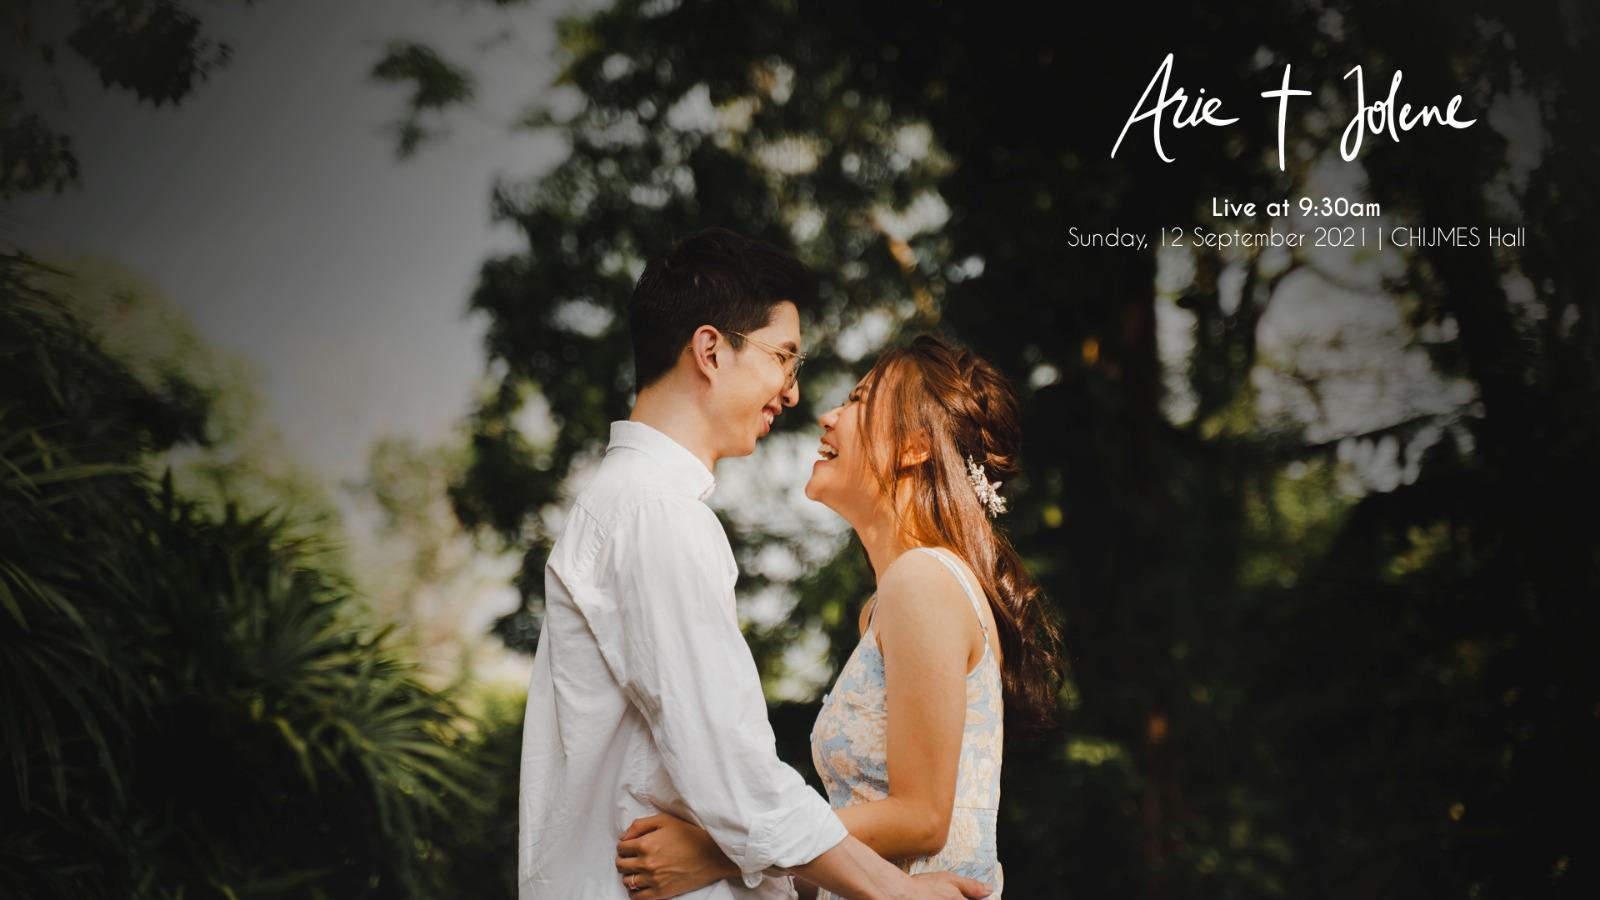 Arie & Jolene